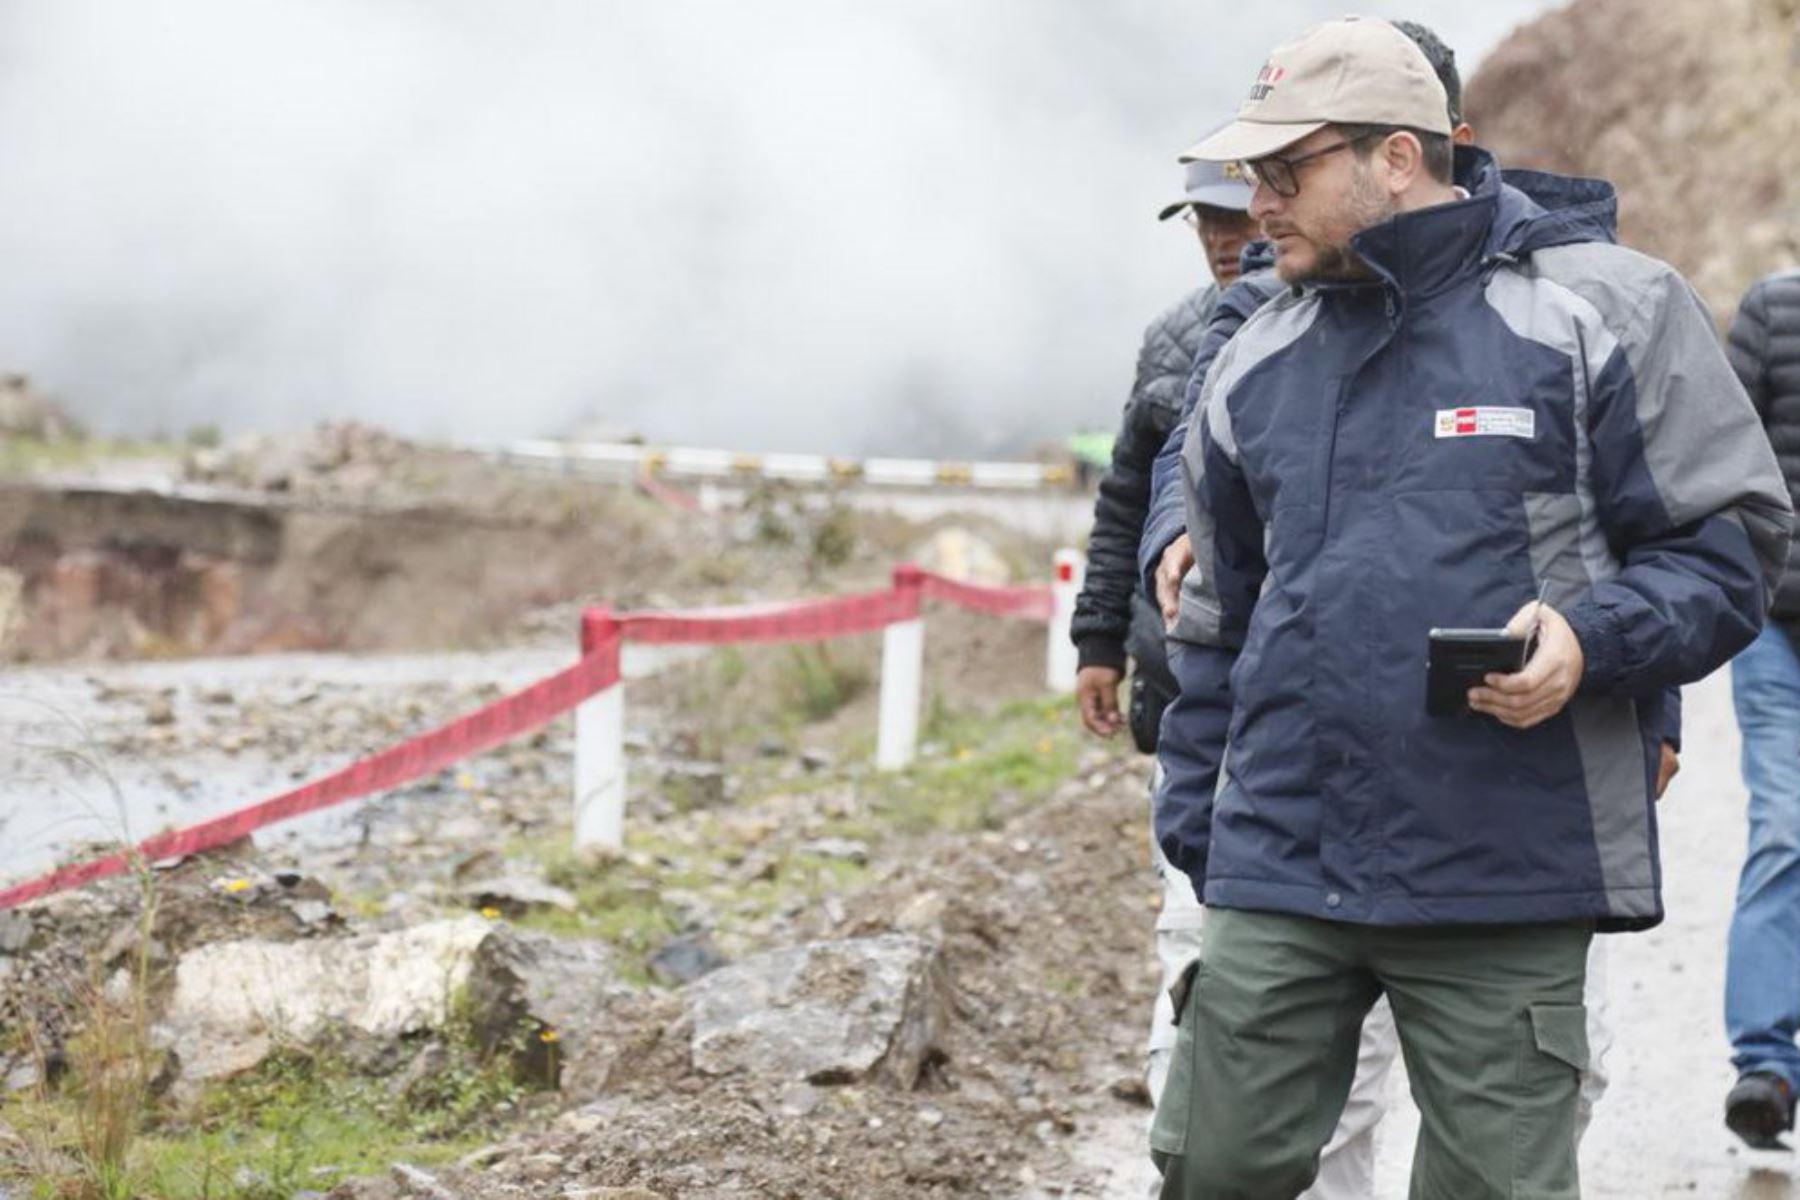 El ministro de Comercio Exterior y Turismo, Edgar Vásquez, sostuvo hoy que, a través del gobierno central, se impulsarán una serie de actividades de prevención para reducir cualquier afectación que ocurriera en la región Huancavelica, durante la época de lluvias.